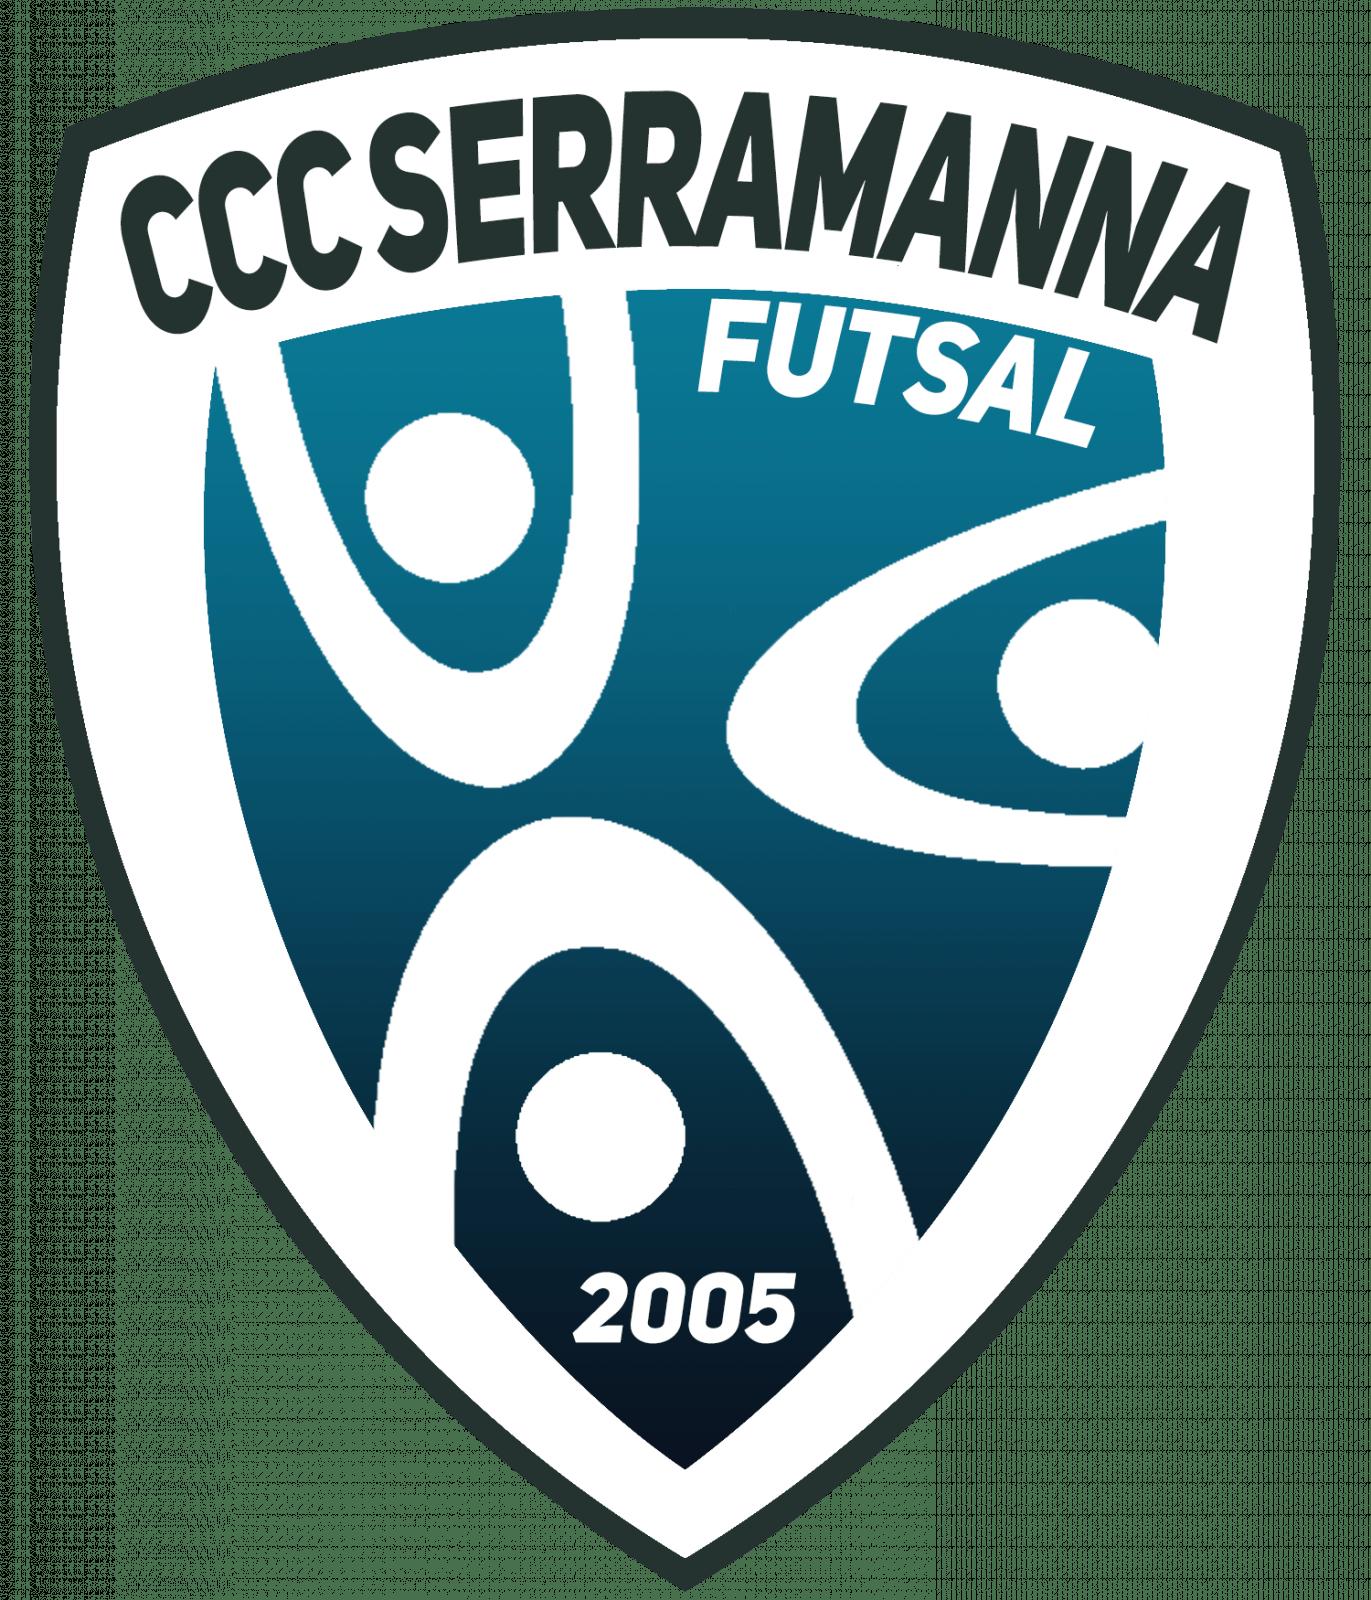 logo squadra di calcio a 5 - CCC Coarsa Futsal Serramanna